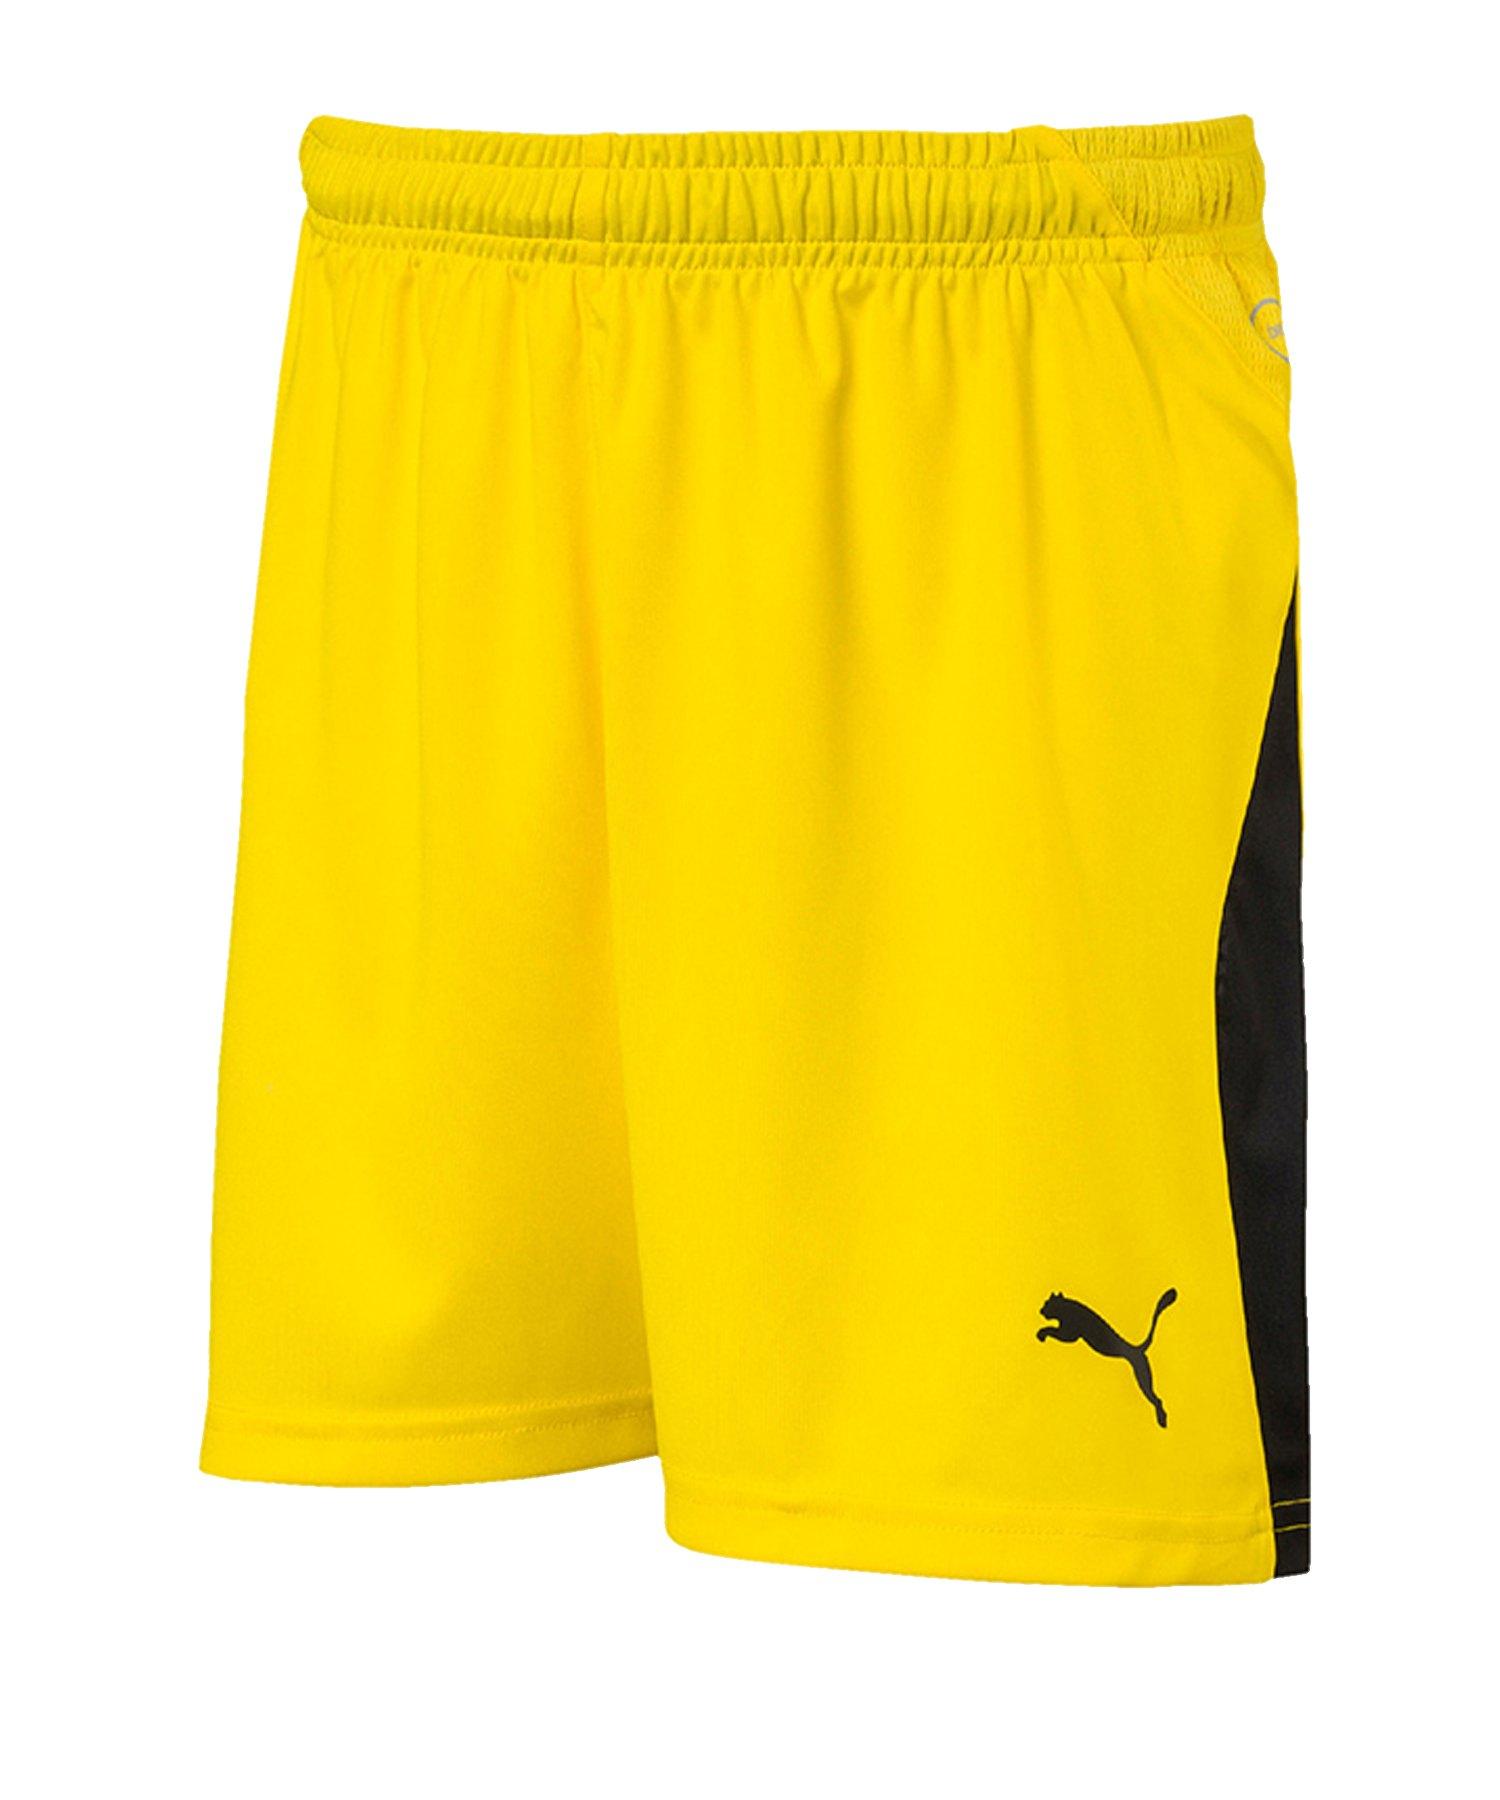 PUMA LIGA Short Kids Gelb Schwarz F07 - gelb